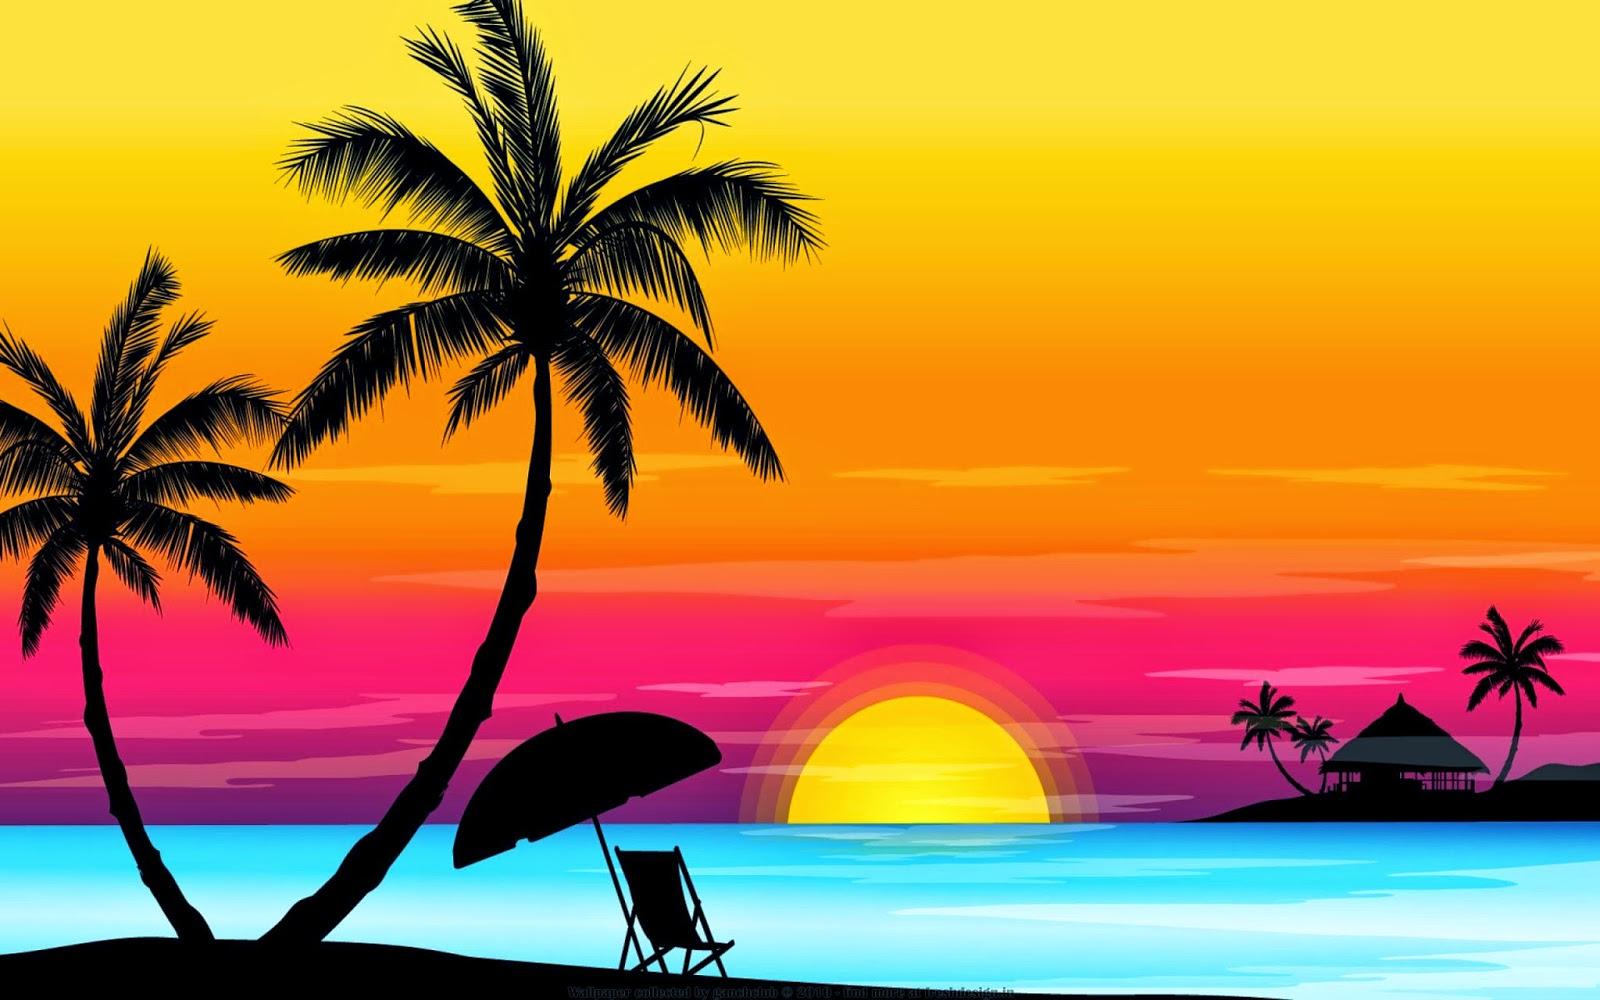 Zomer achtergrond met palmbomen